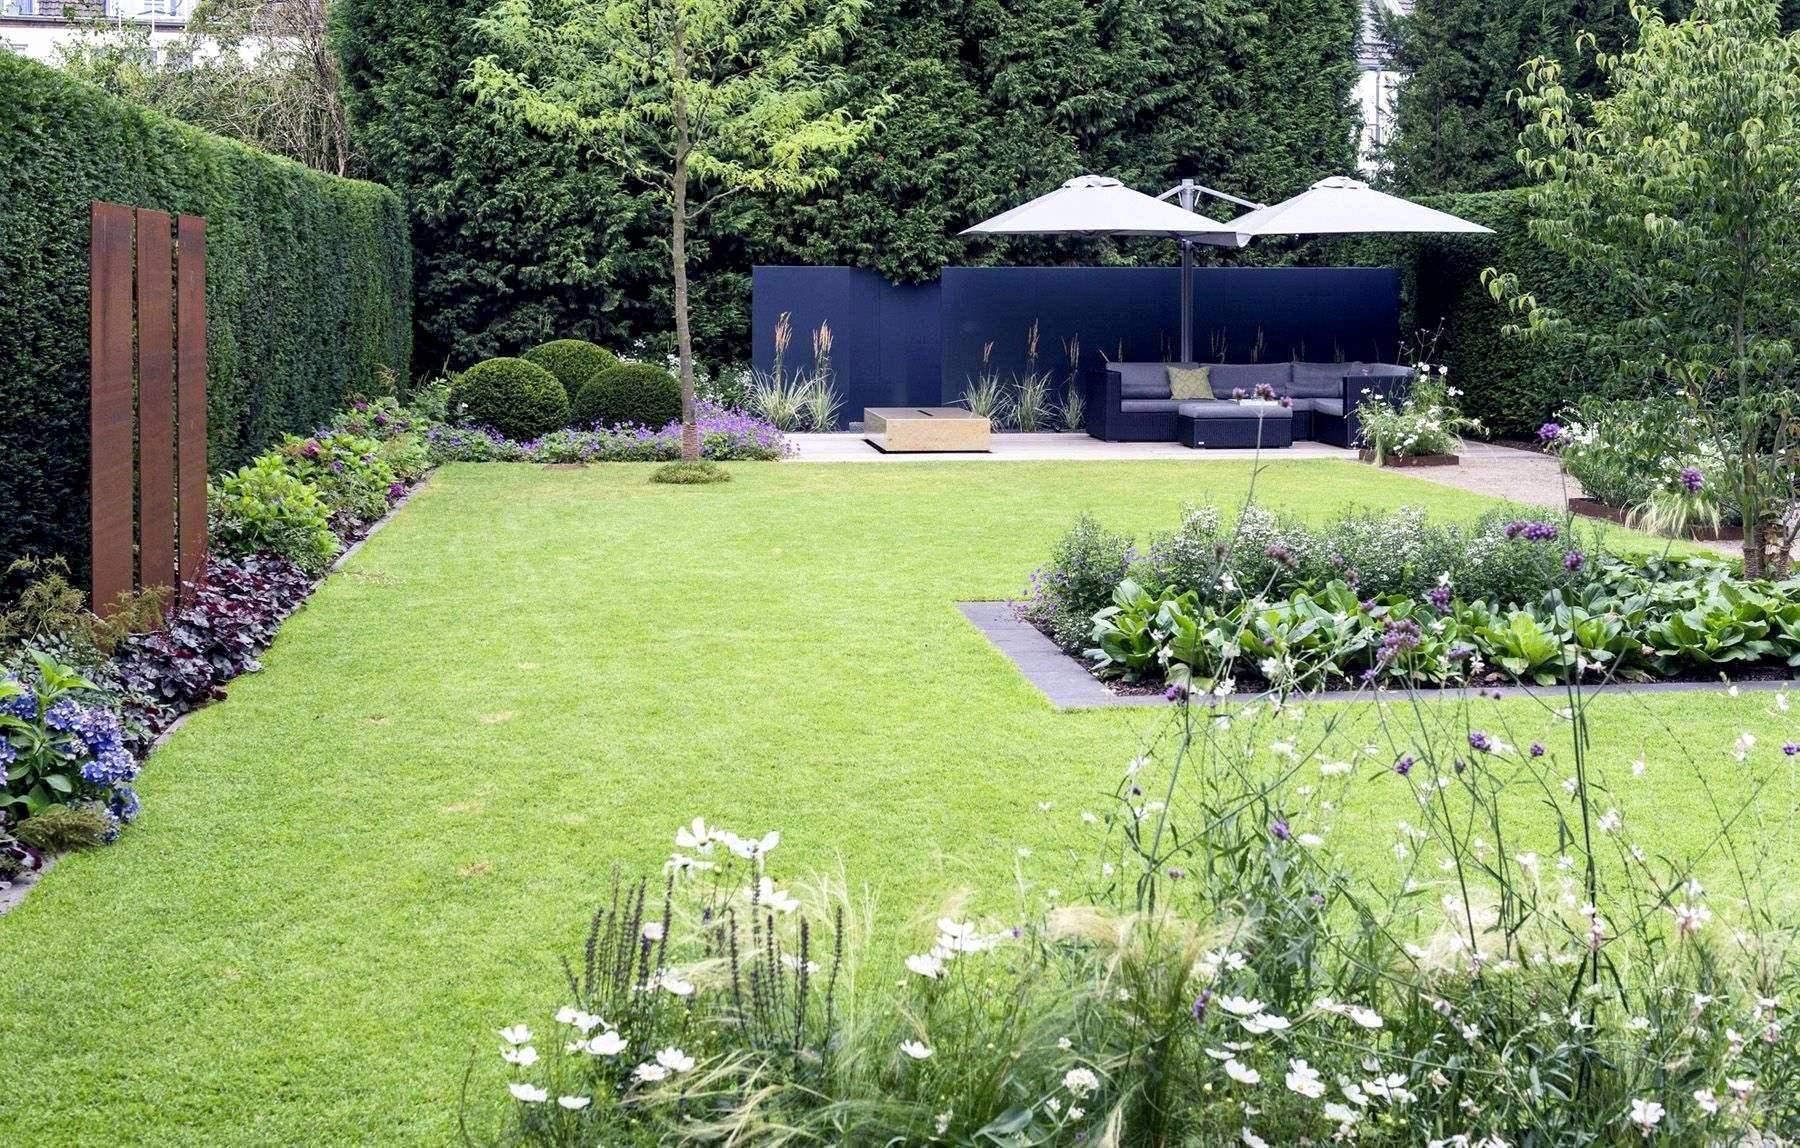 Kleinen Garten Gestalten Ideen Frisch 28 Elegant Gartengestaltung Kleiner Garten Neu